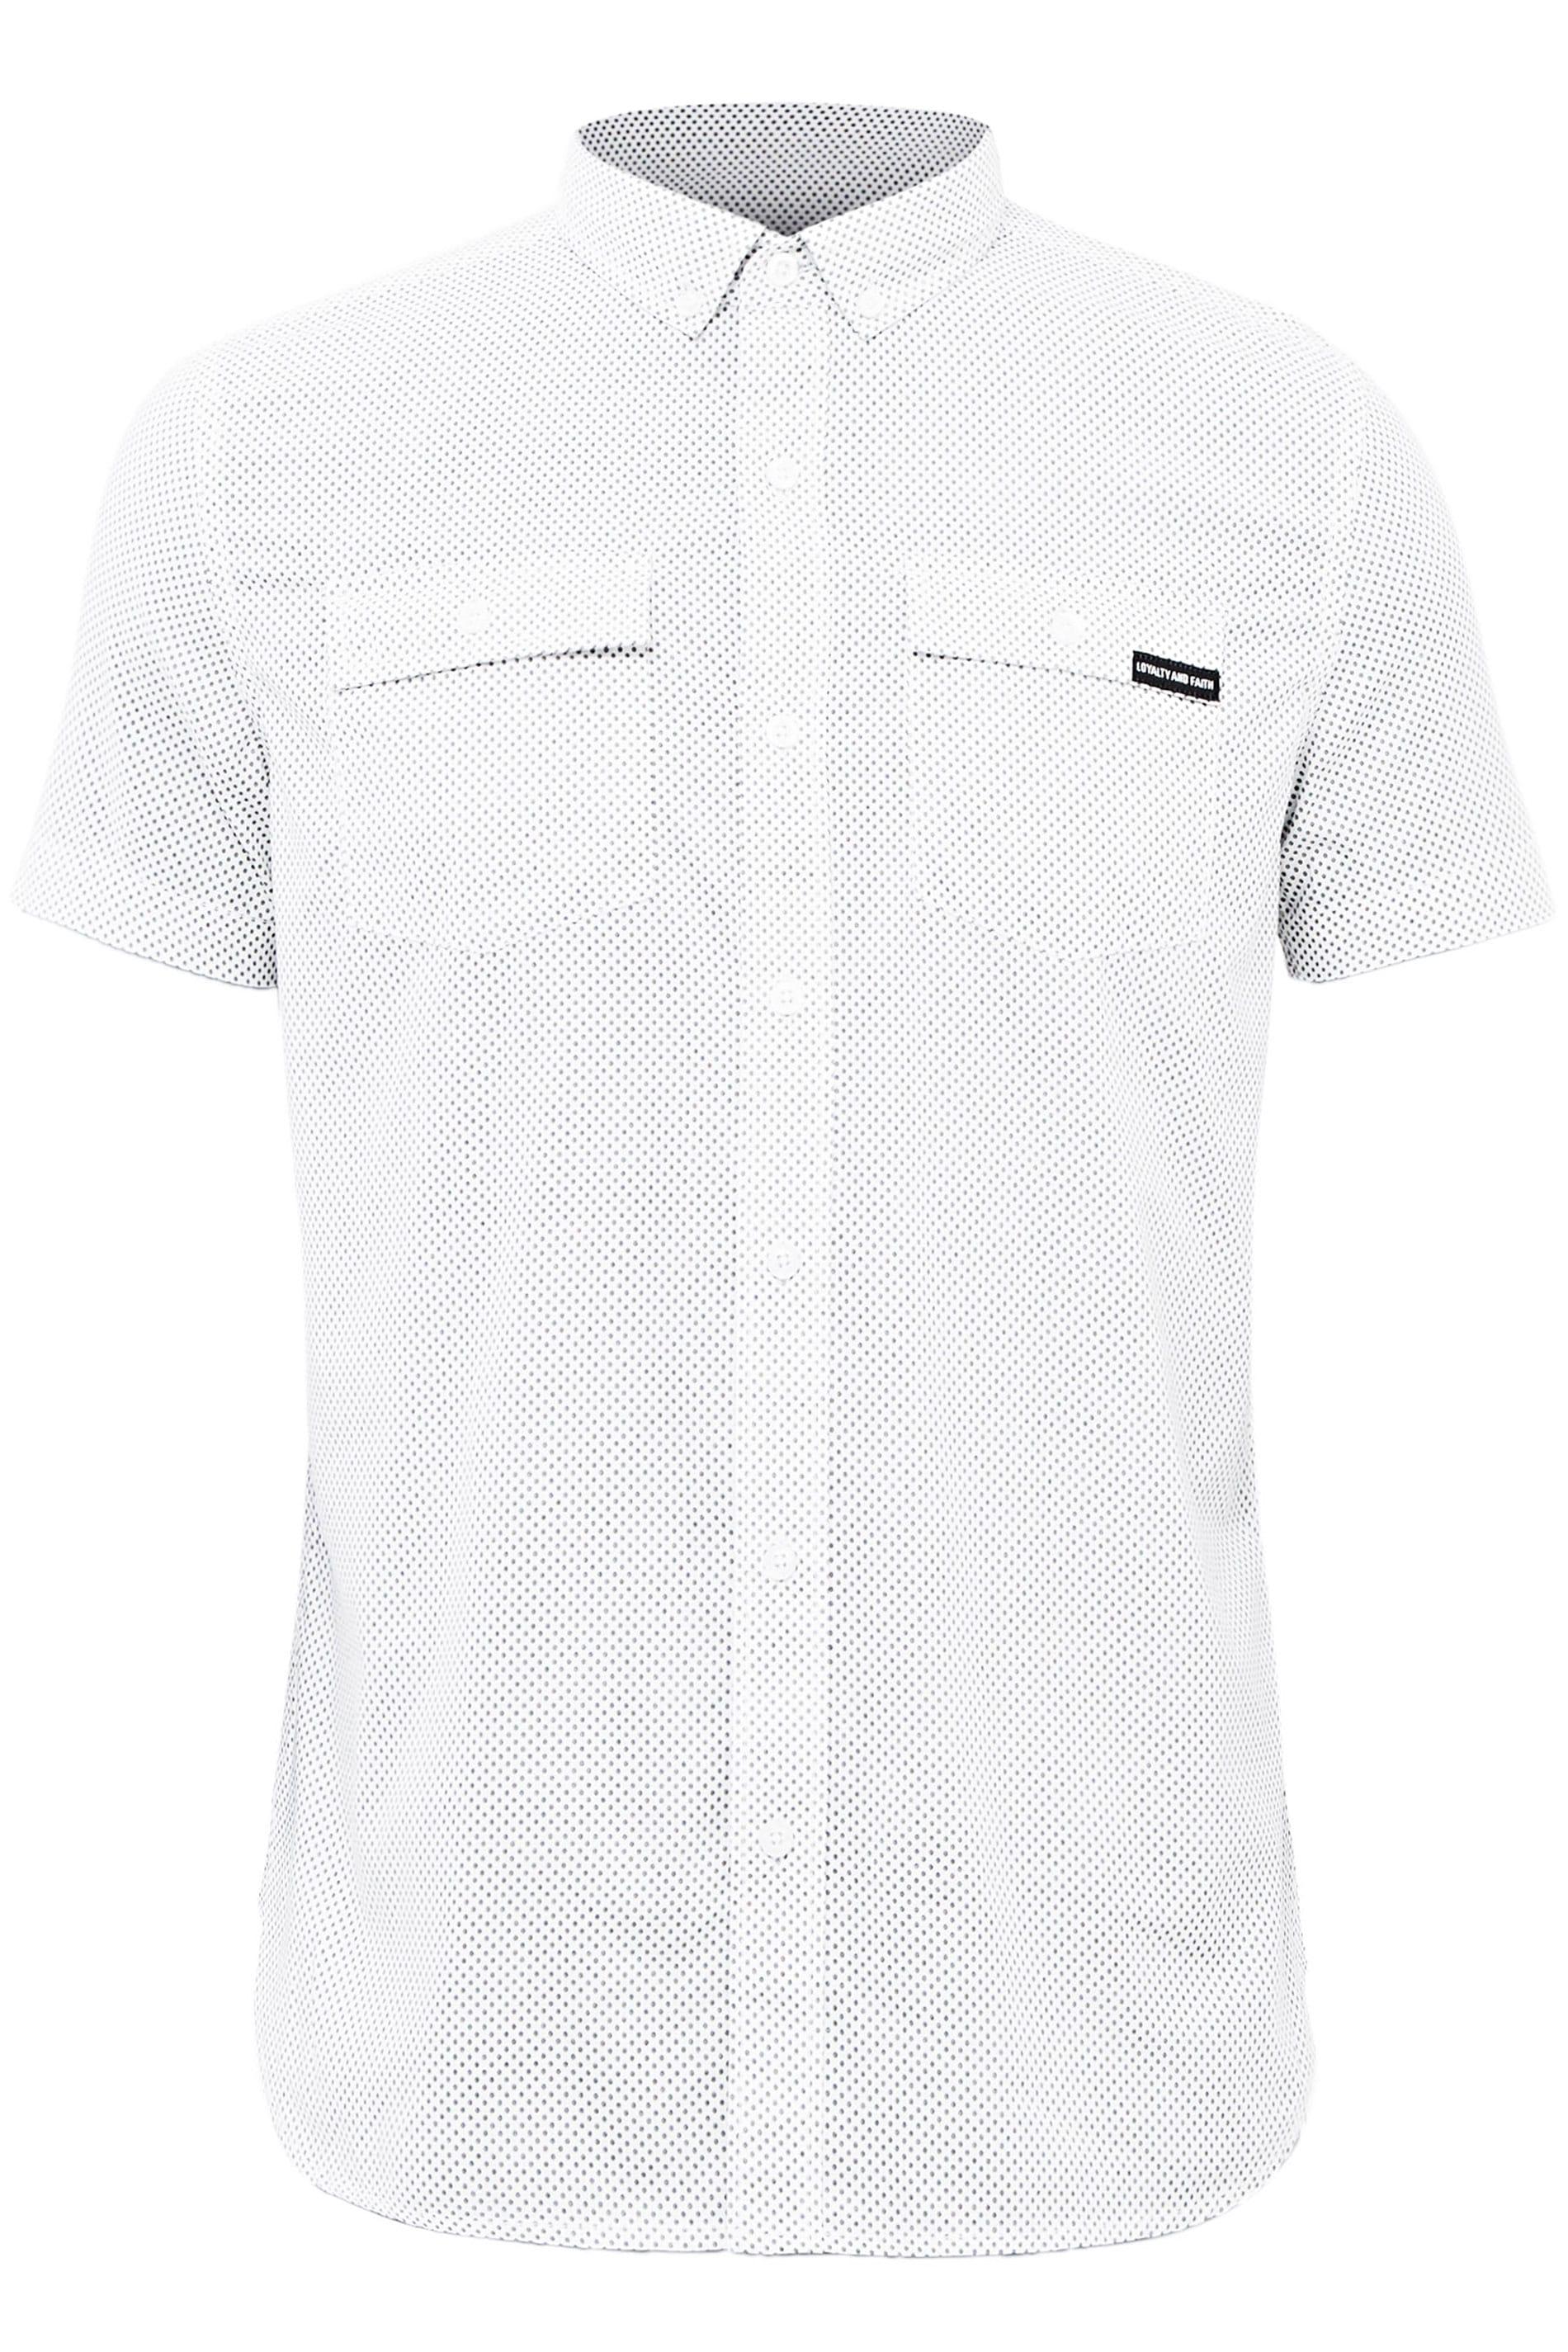 LOYALTY & FAITH White Printed Button Down Shirt